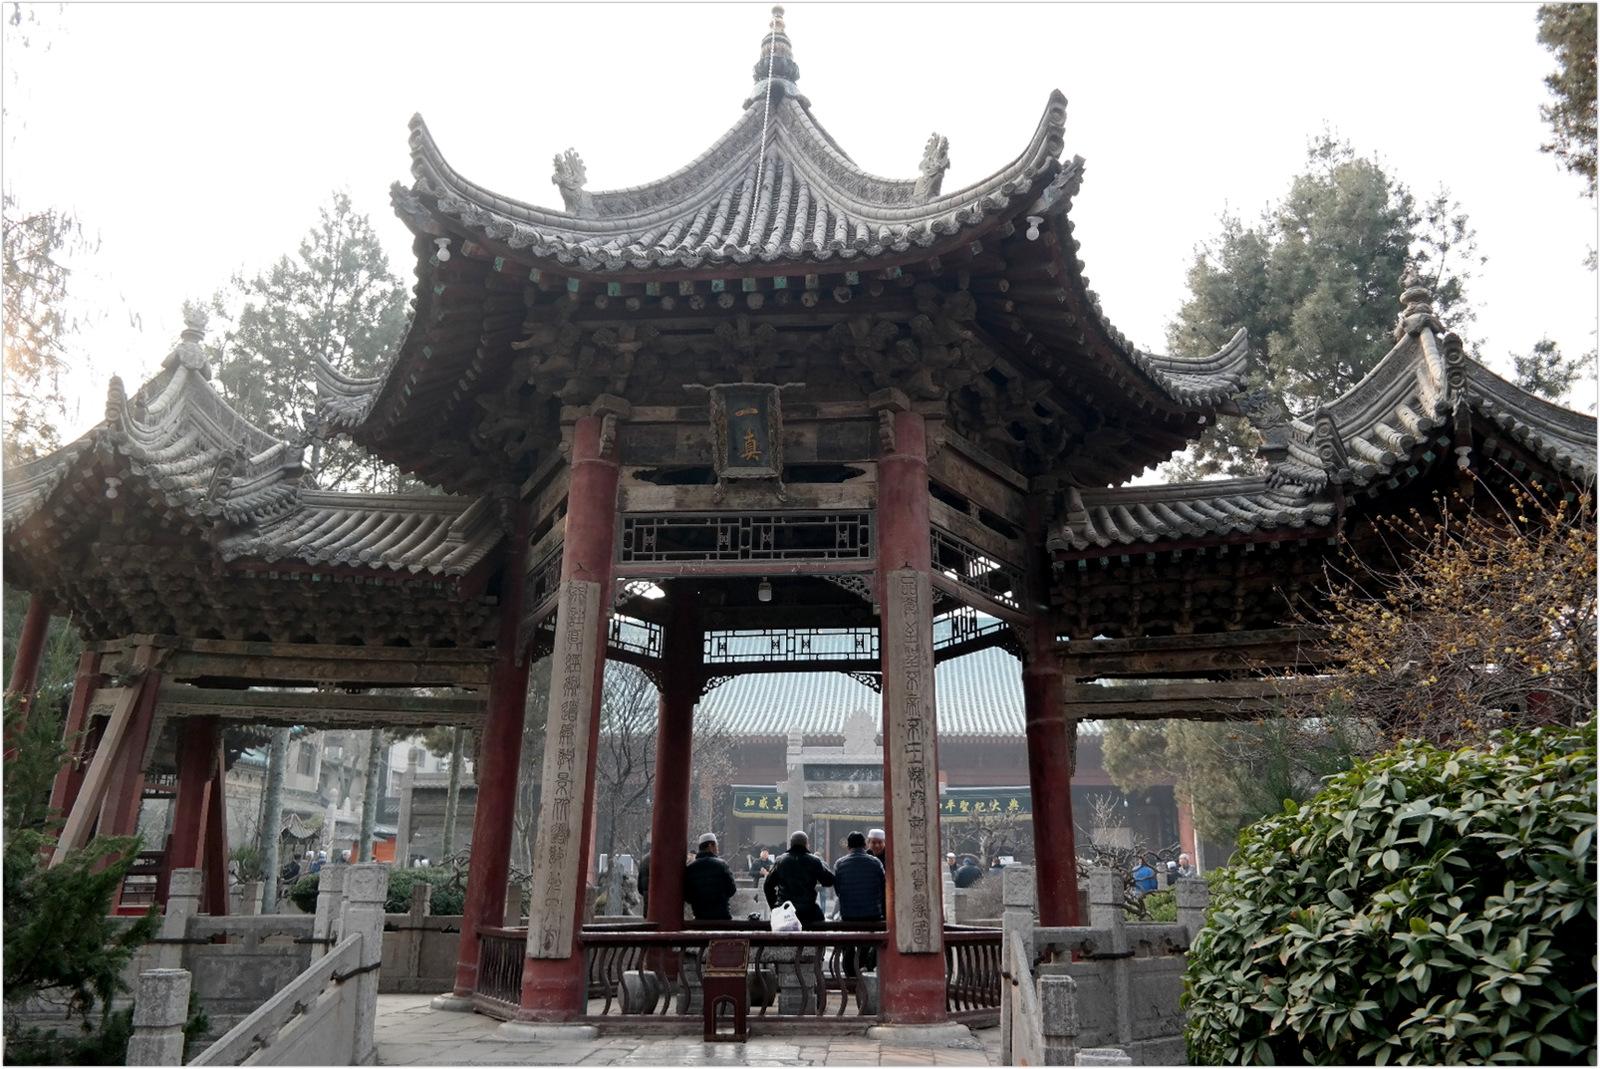 China - XiAn - Mosque